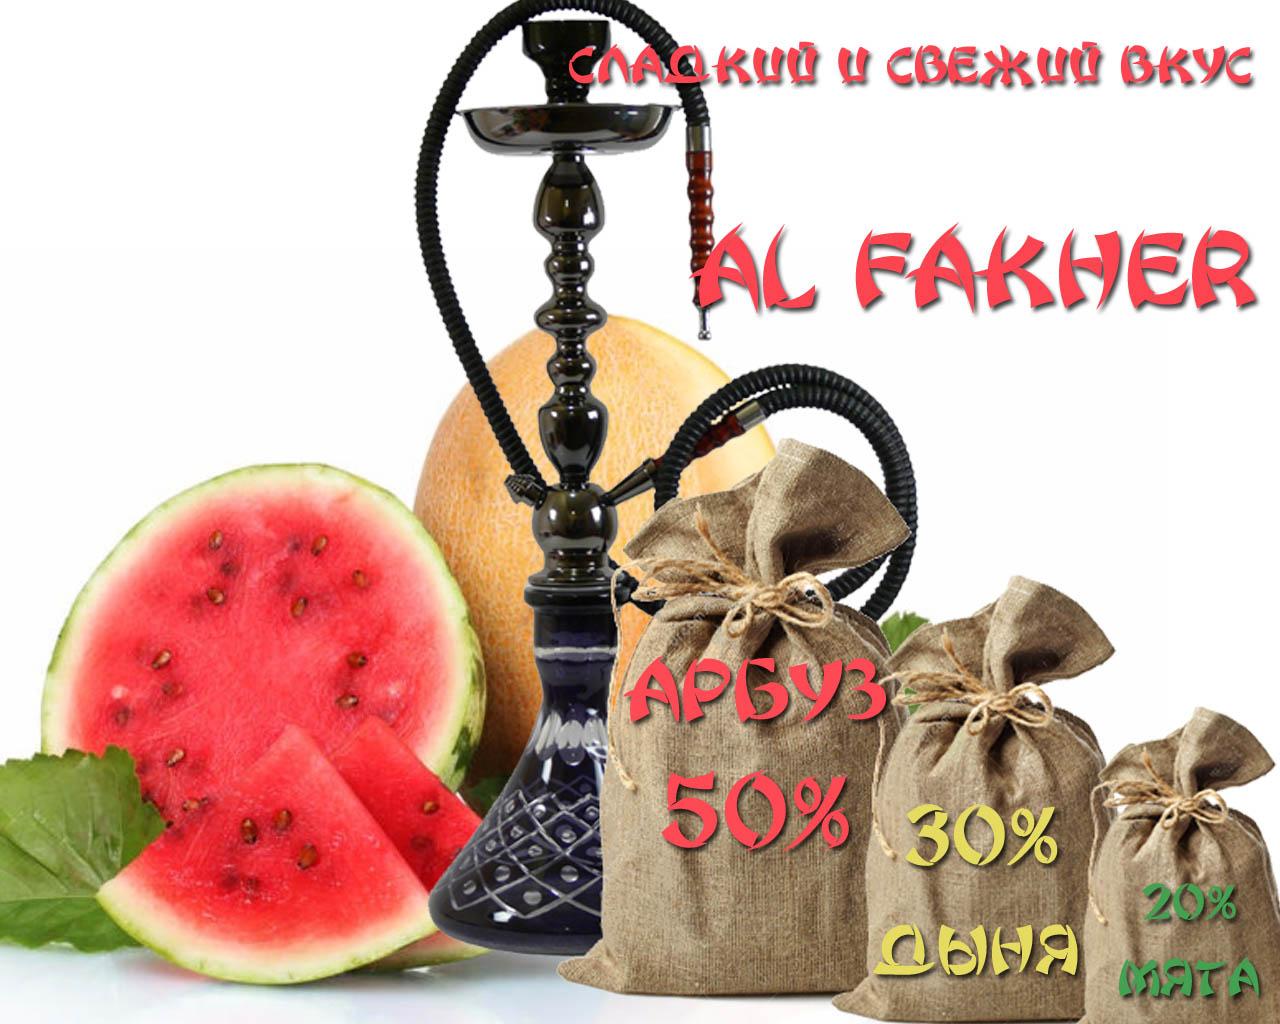 миксы al fakher